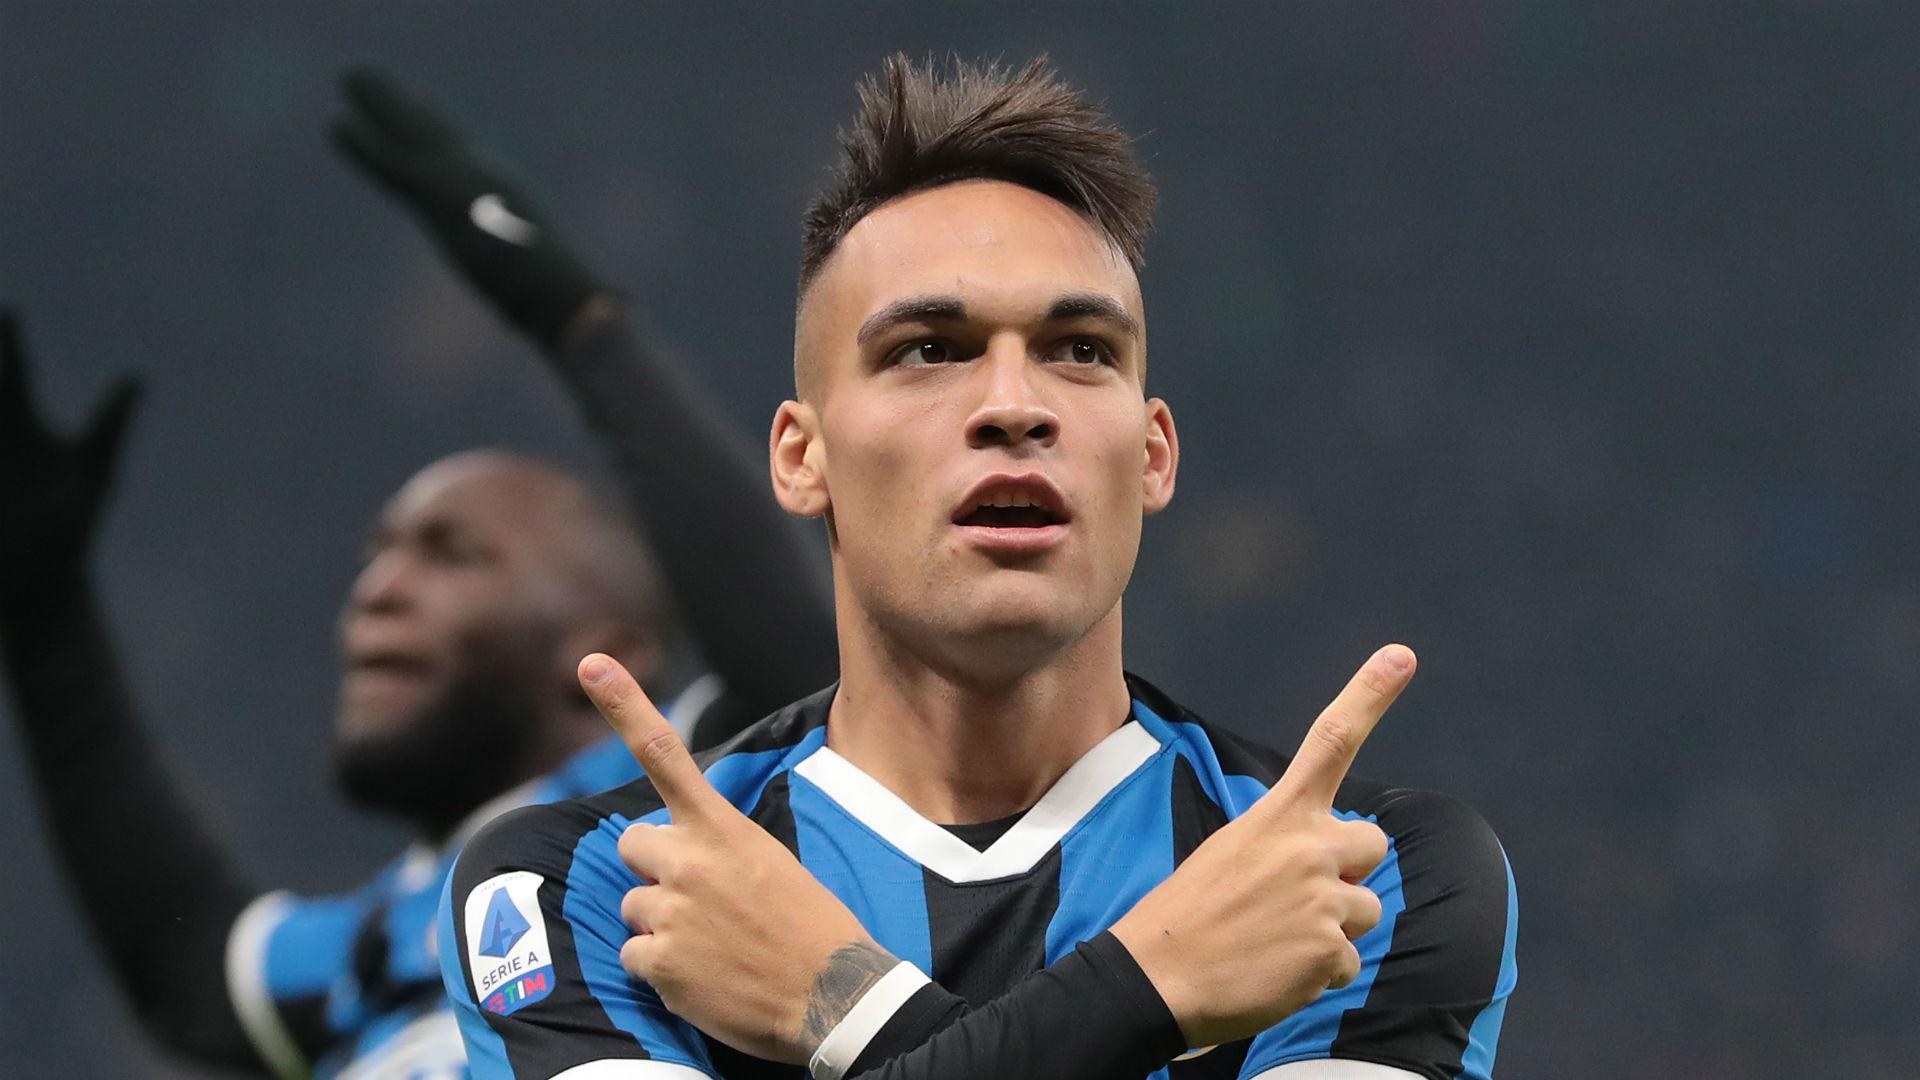 Lautaro Martinez's future in Italy despite Barca links – Zanetti